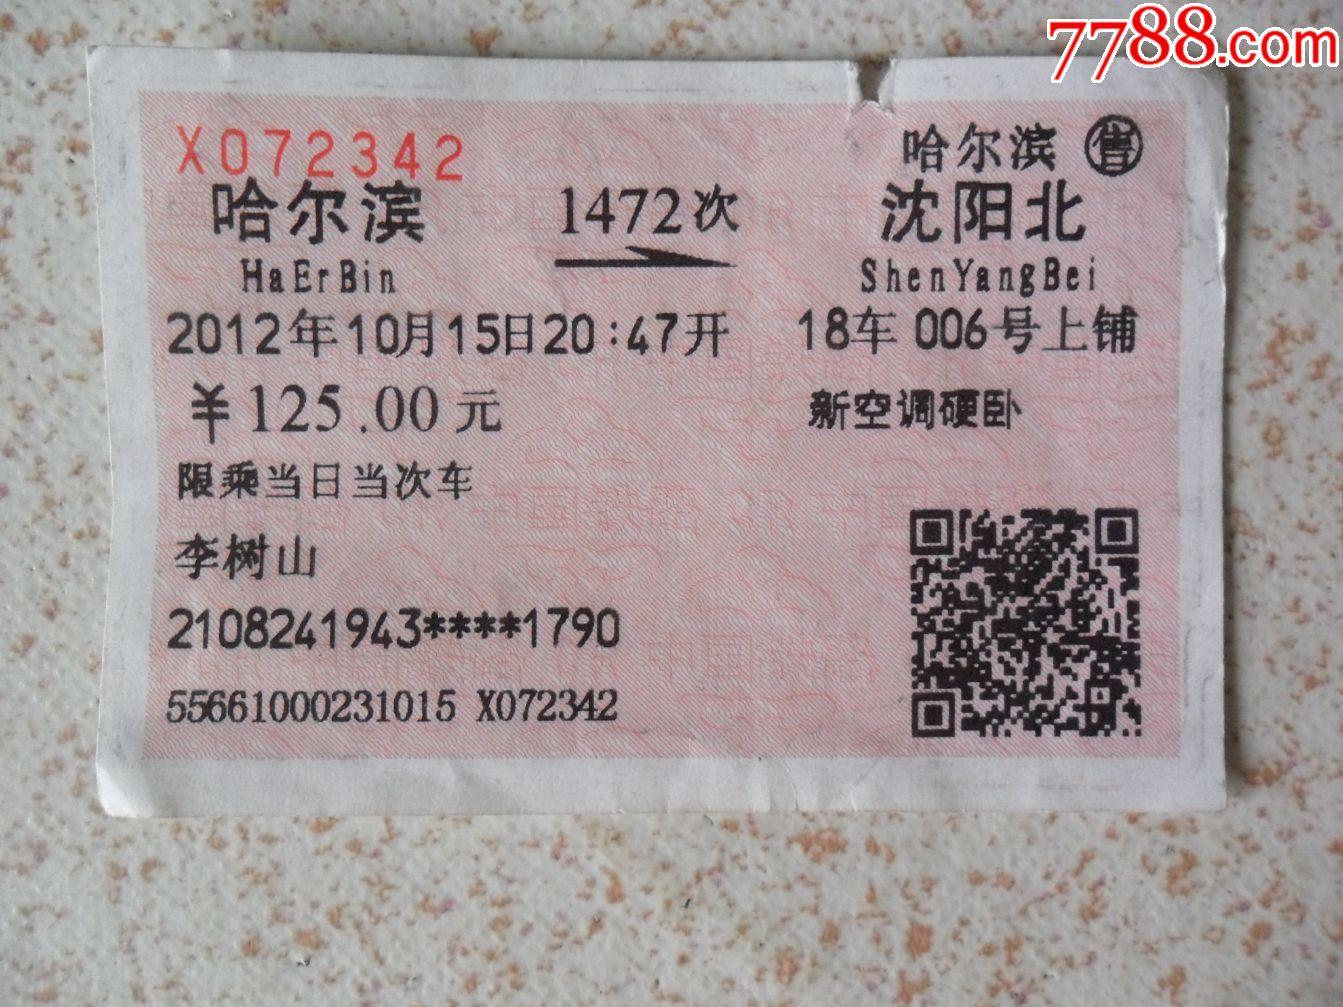 哈尔滨--沈阳北站火车票1472次